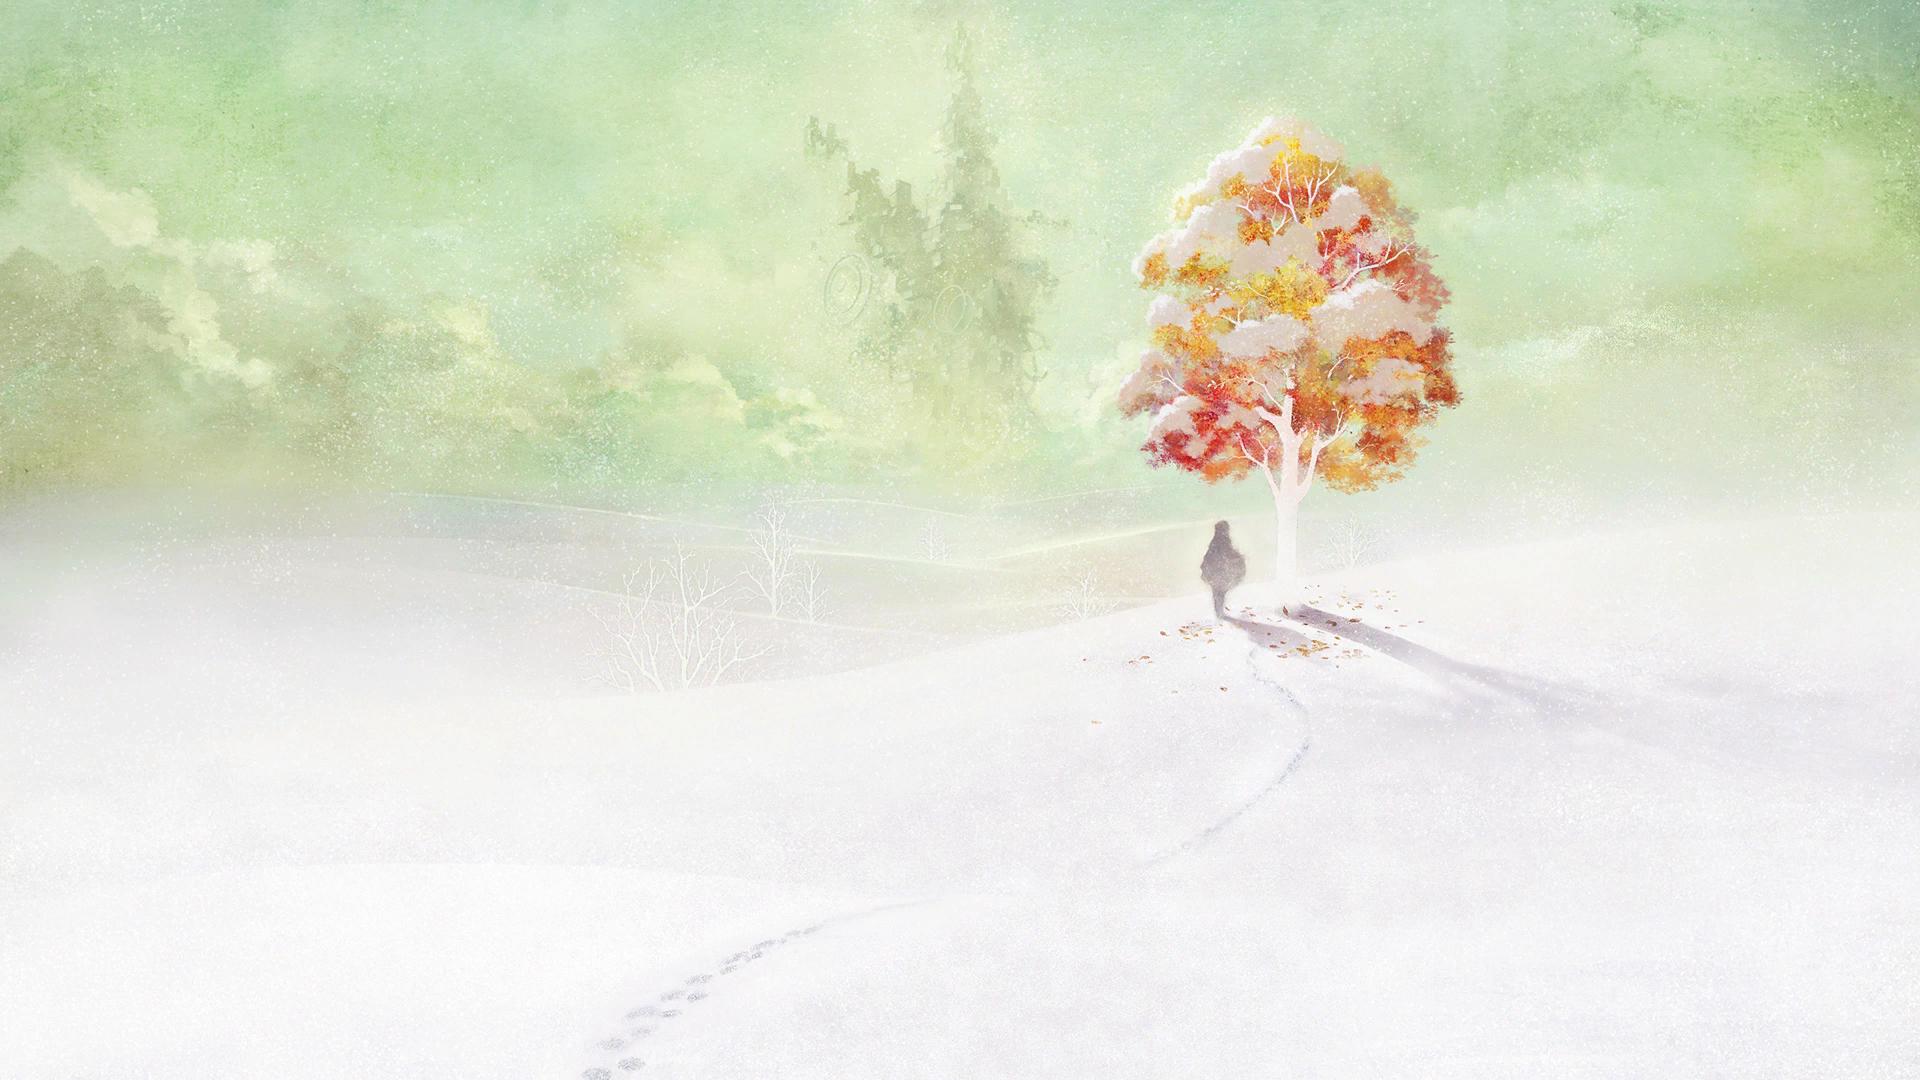 I am Setsuna – Effimeri, come fiocchi di neve